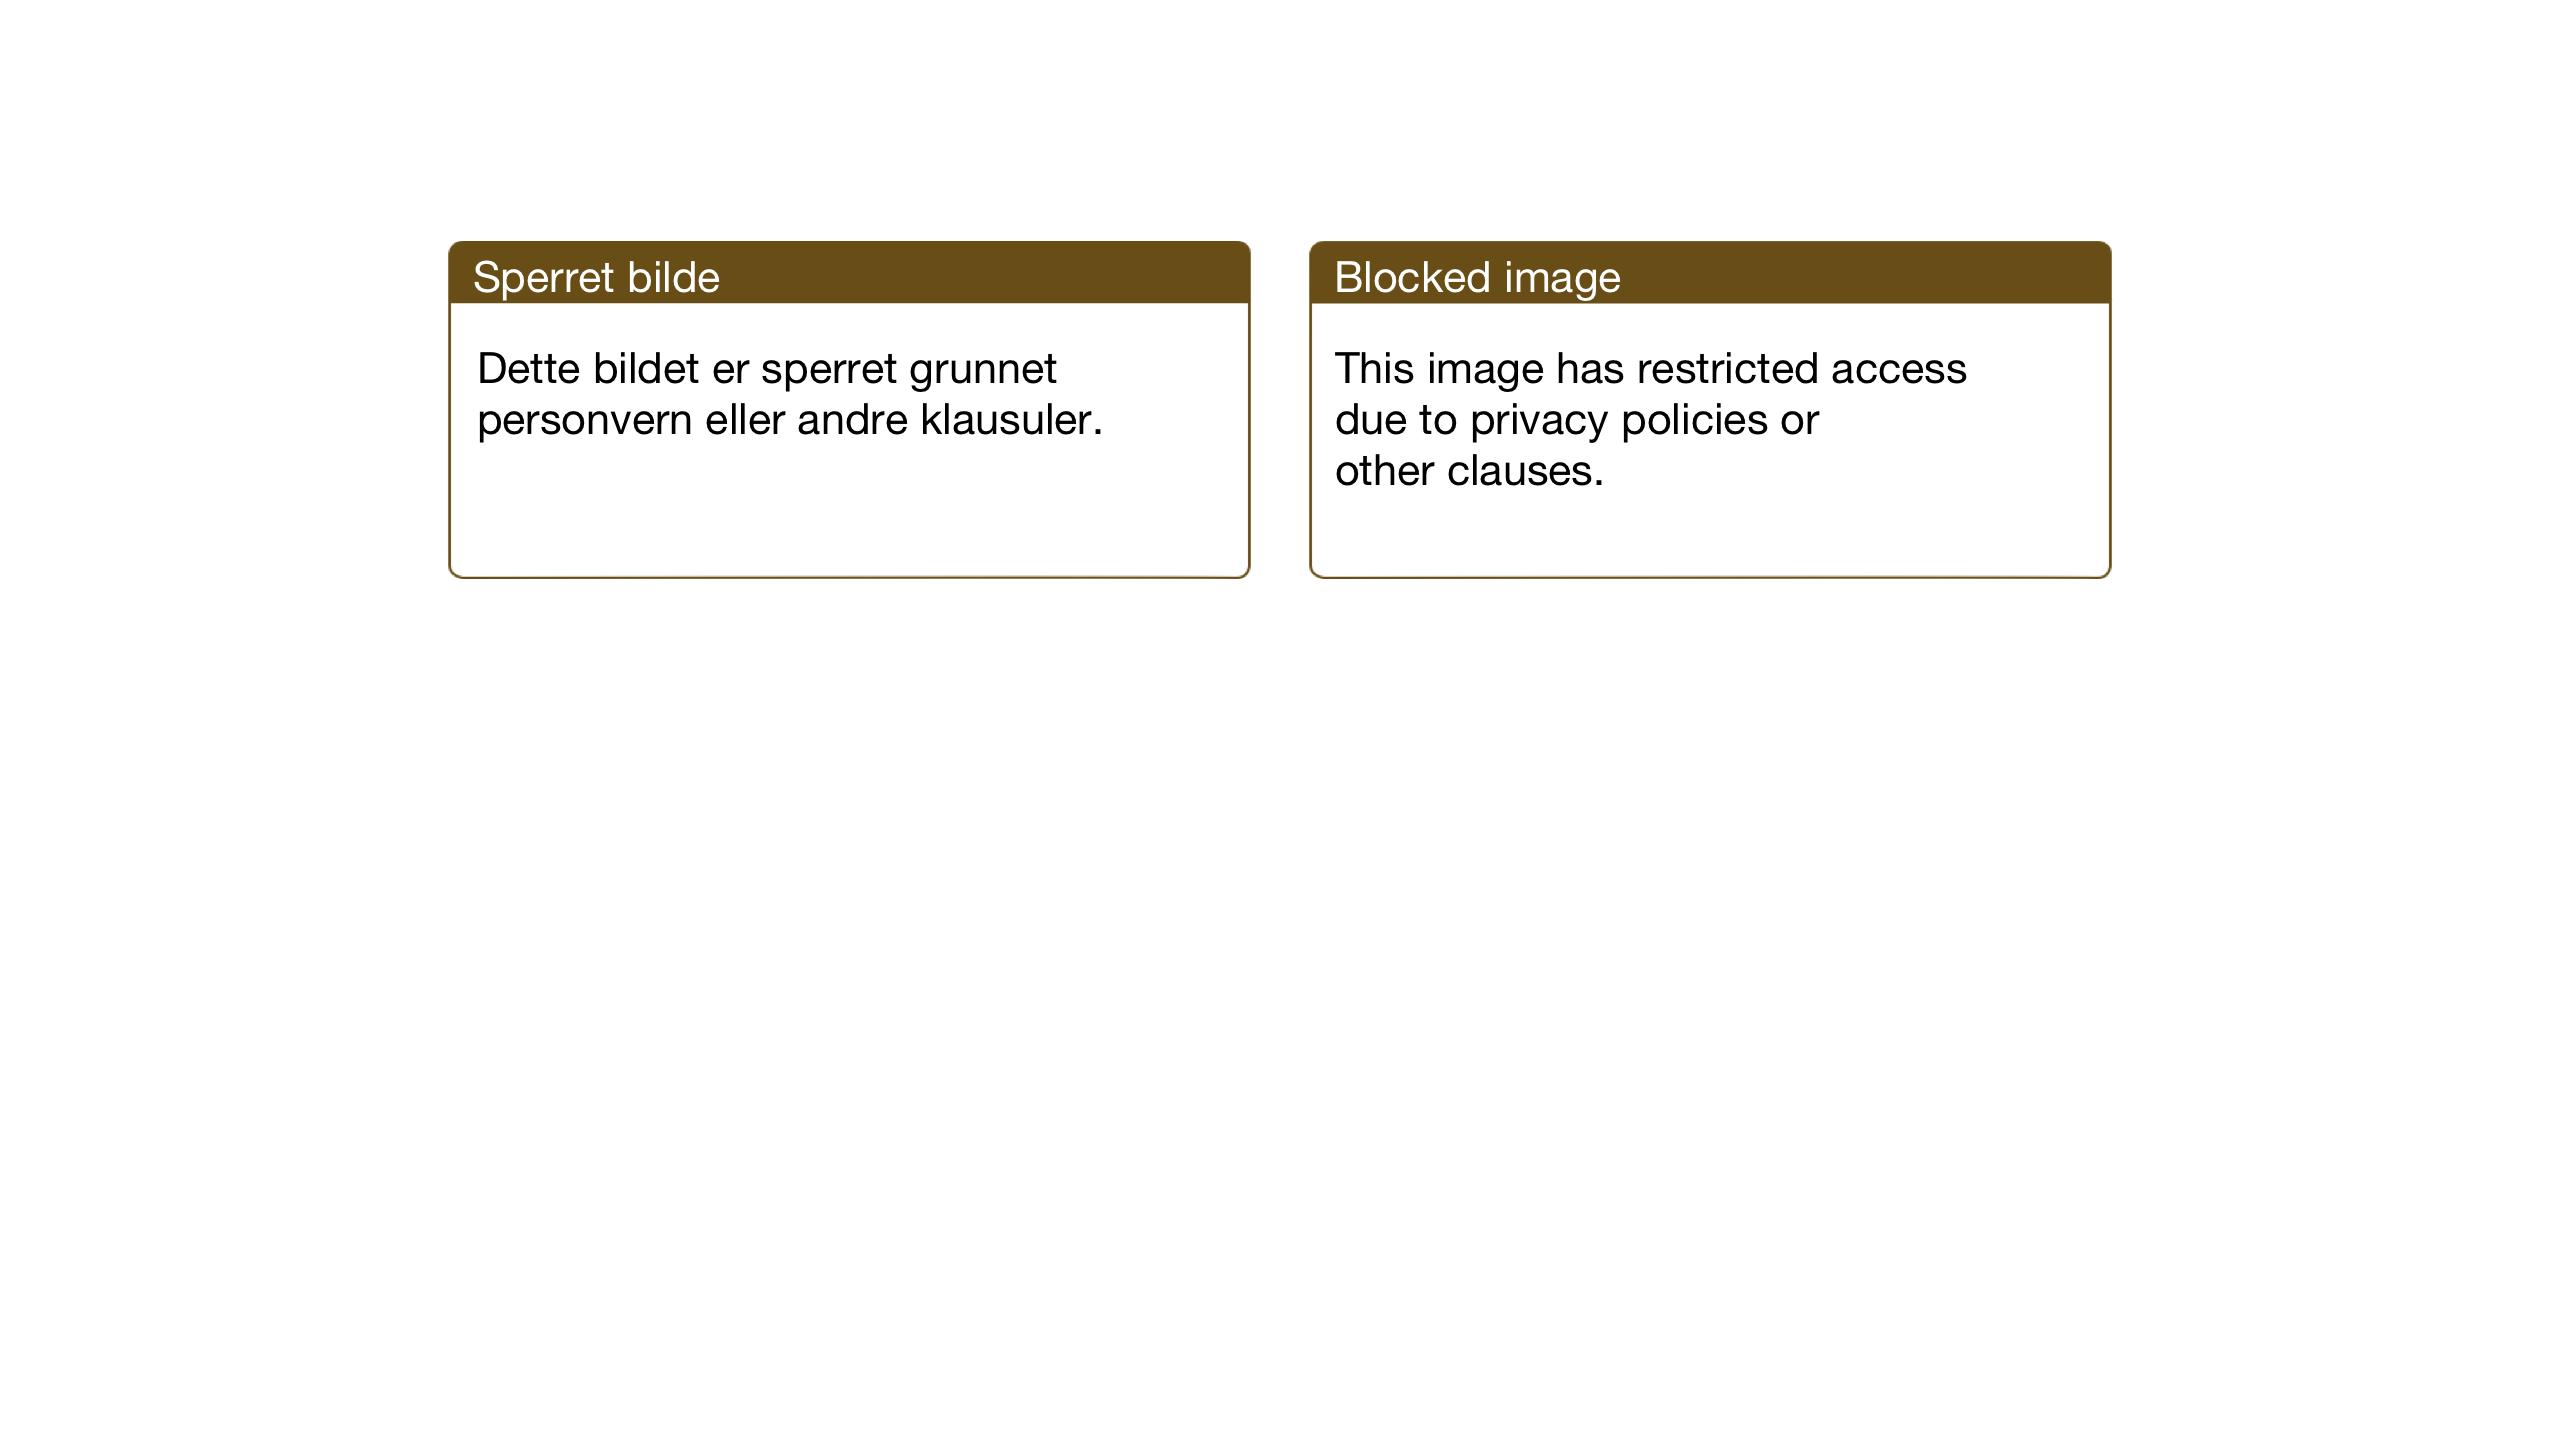 SAT, Ministerialprotokoller, klokkerbøker og fødselsregistre - Sør-Trøndelag, 698/L1169: Klokkerbok nr. 698C06, 1930-1949, s. 138